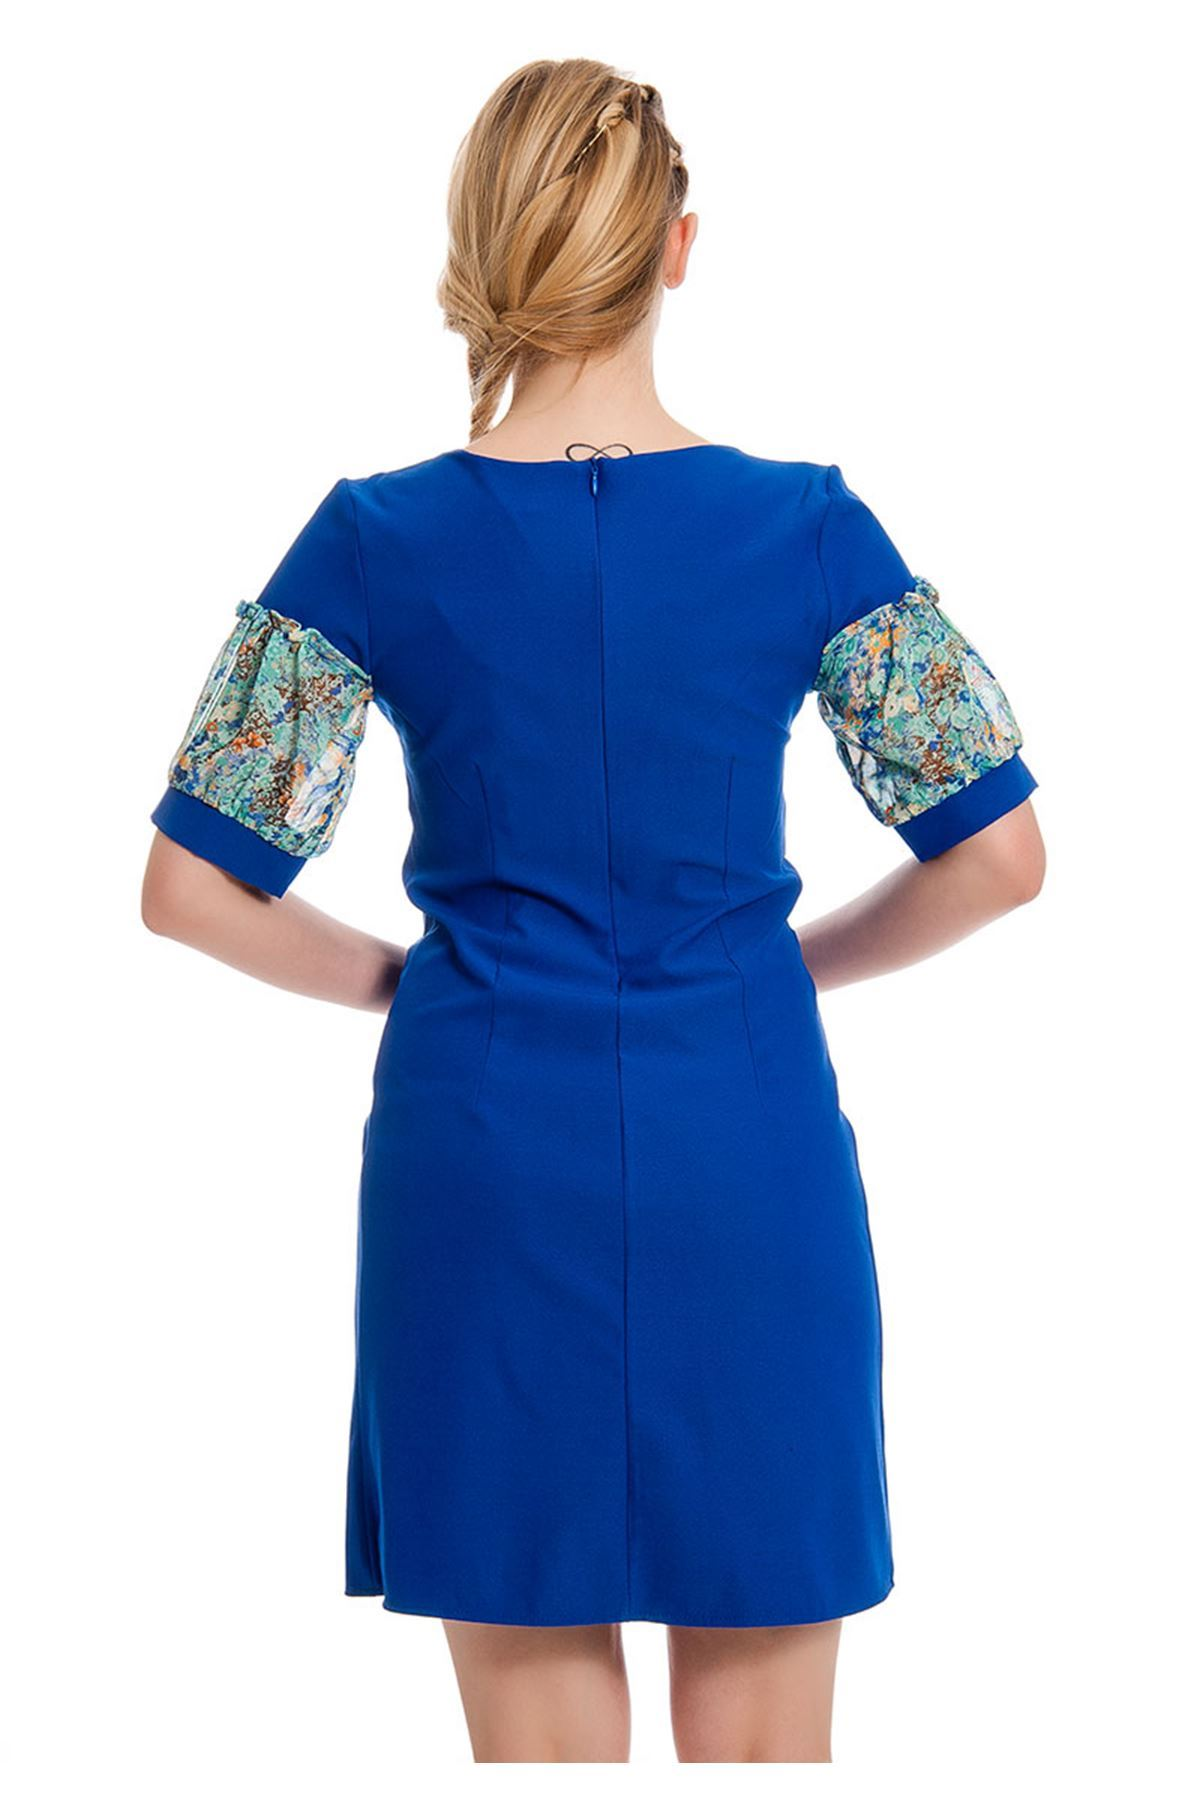 Mavi Yaka Detaylı Kadın Elbise I4-127913